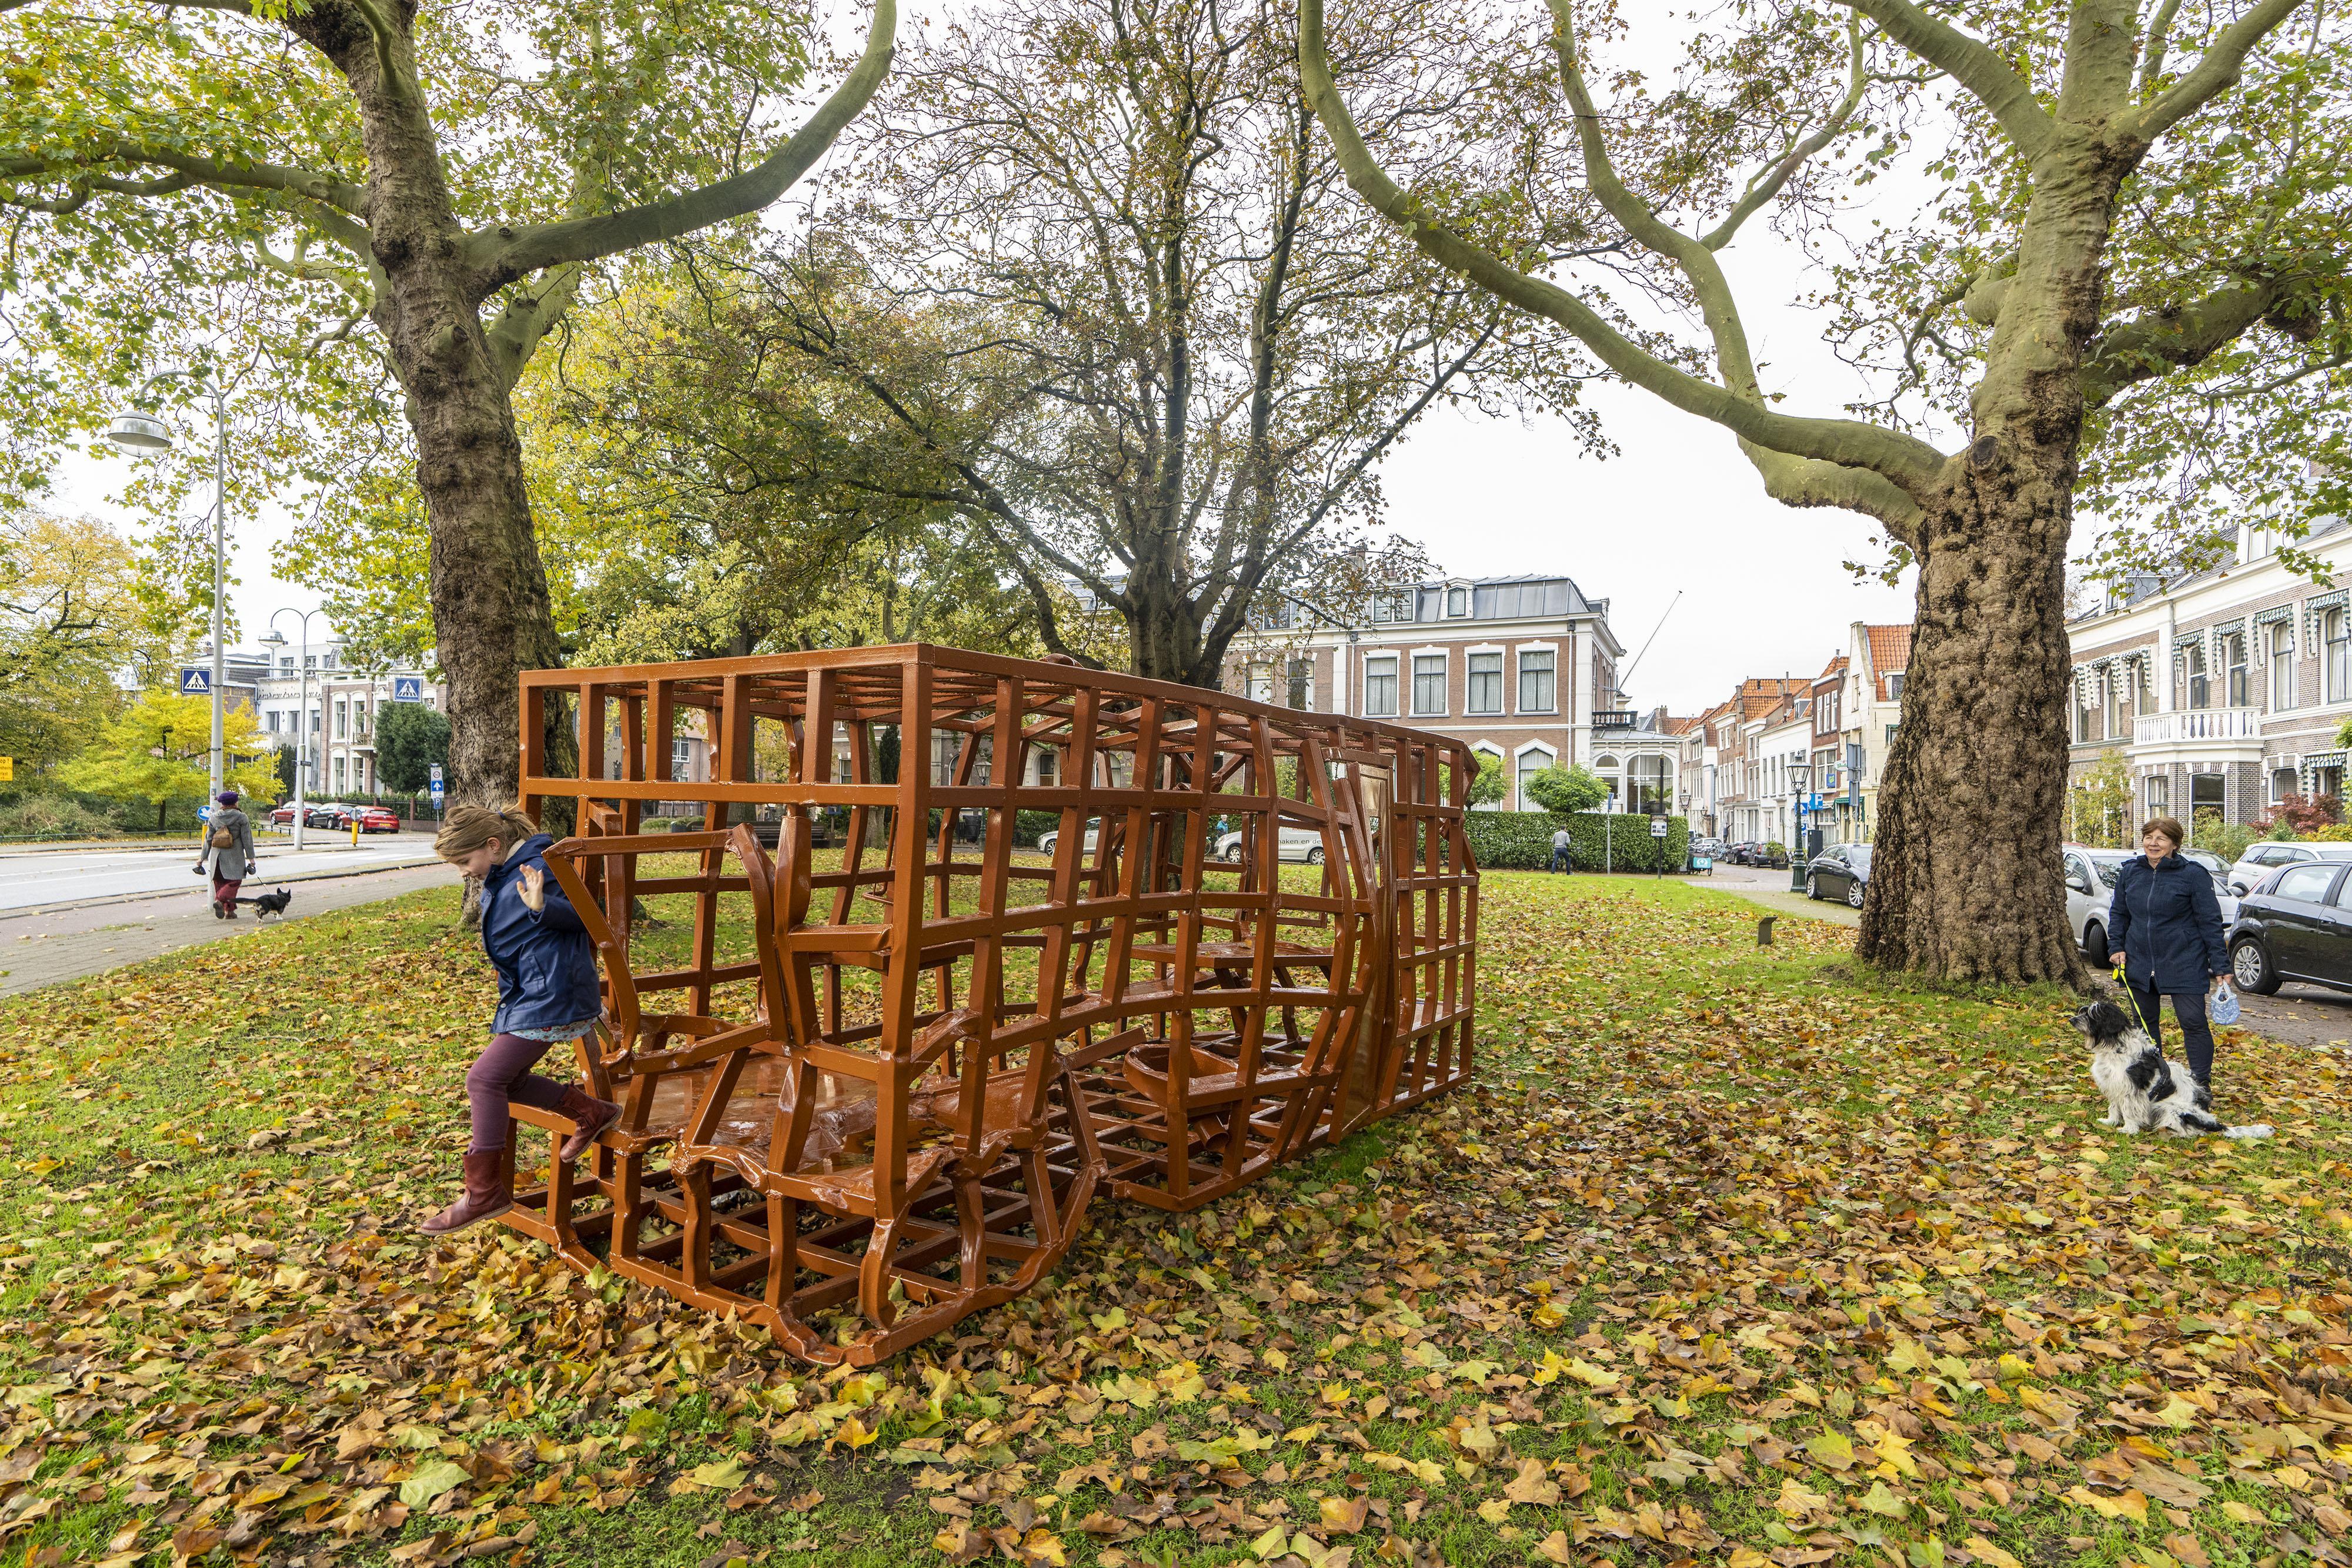 Ook subsidieregeling voor Leidse kunstenaars die werk voor openbare ruimte willen maken